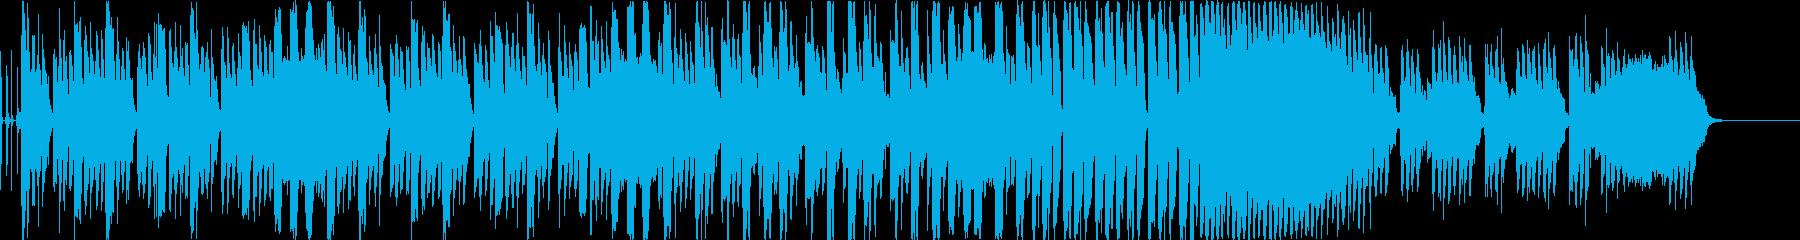 企業VP Future Bass aの再生済みの波形